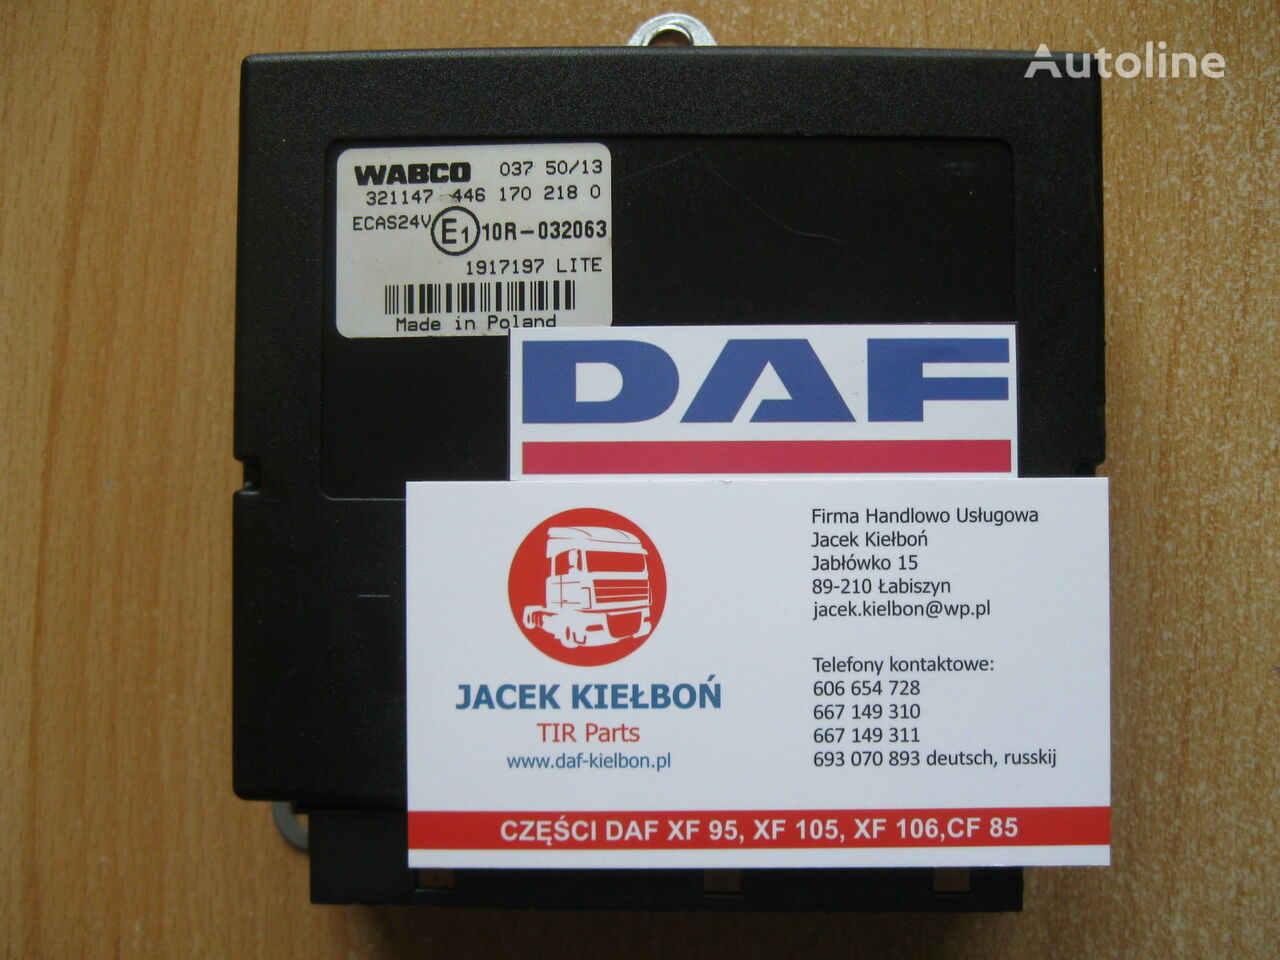 DAF Sterownik poduszek zawieszenia ECAS control unit for DAF XF 106 tractor unit